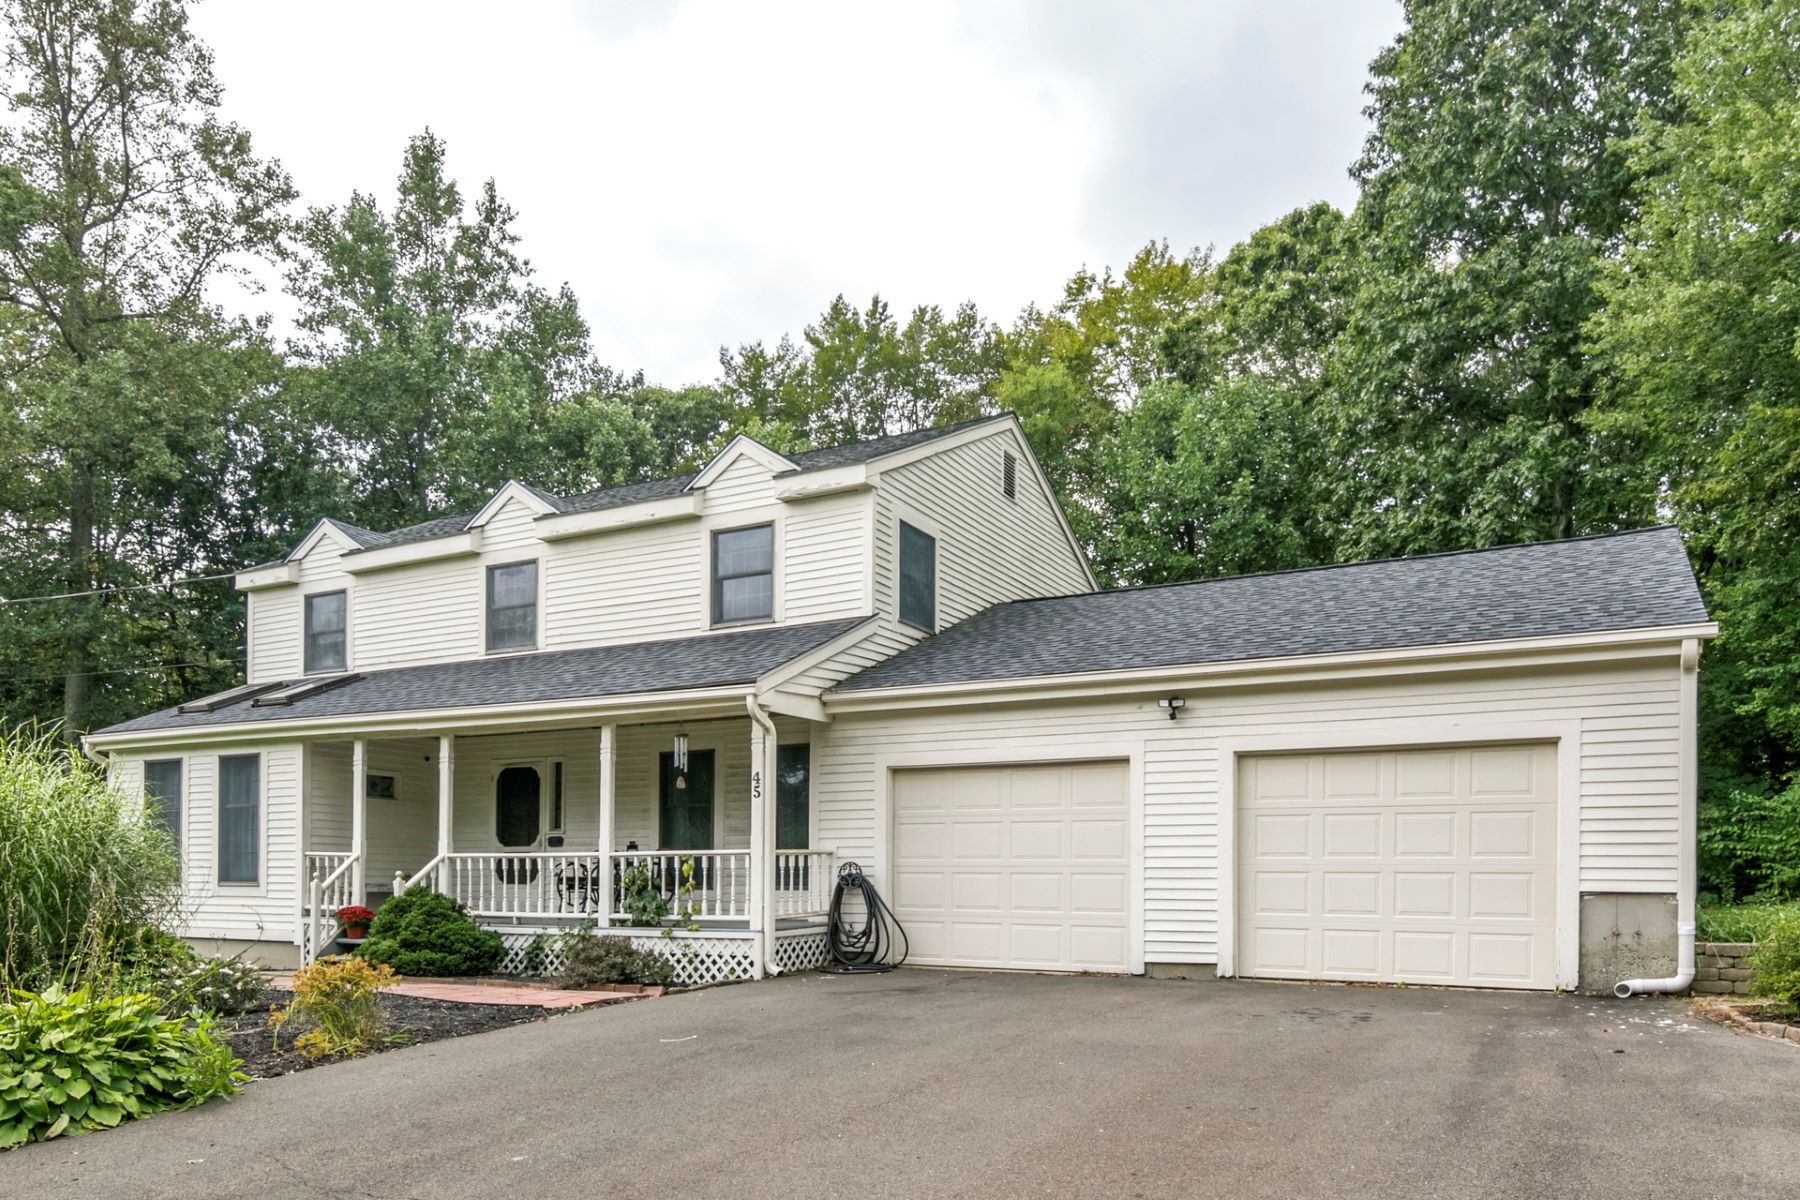 Single Family Homes για την Πώληση στο North Branford, Κονεκτικατ 06471 Ηνωμένες Πολιτείες